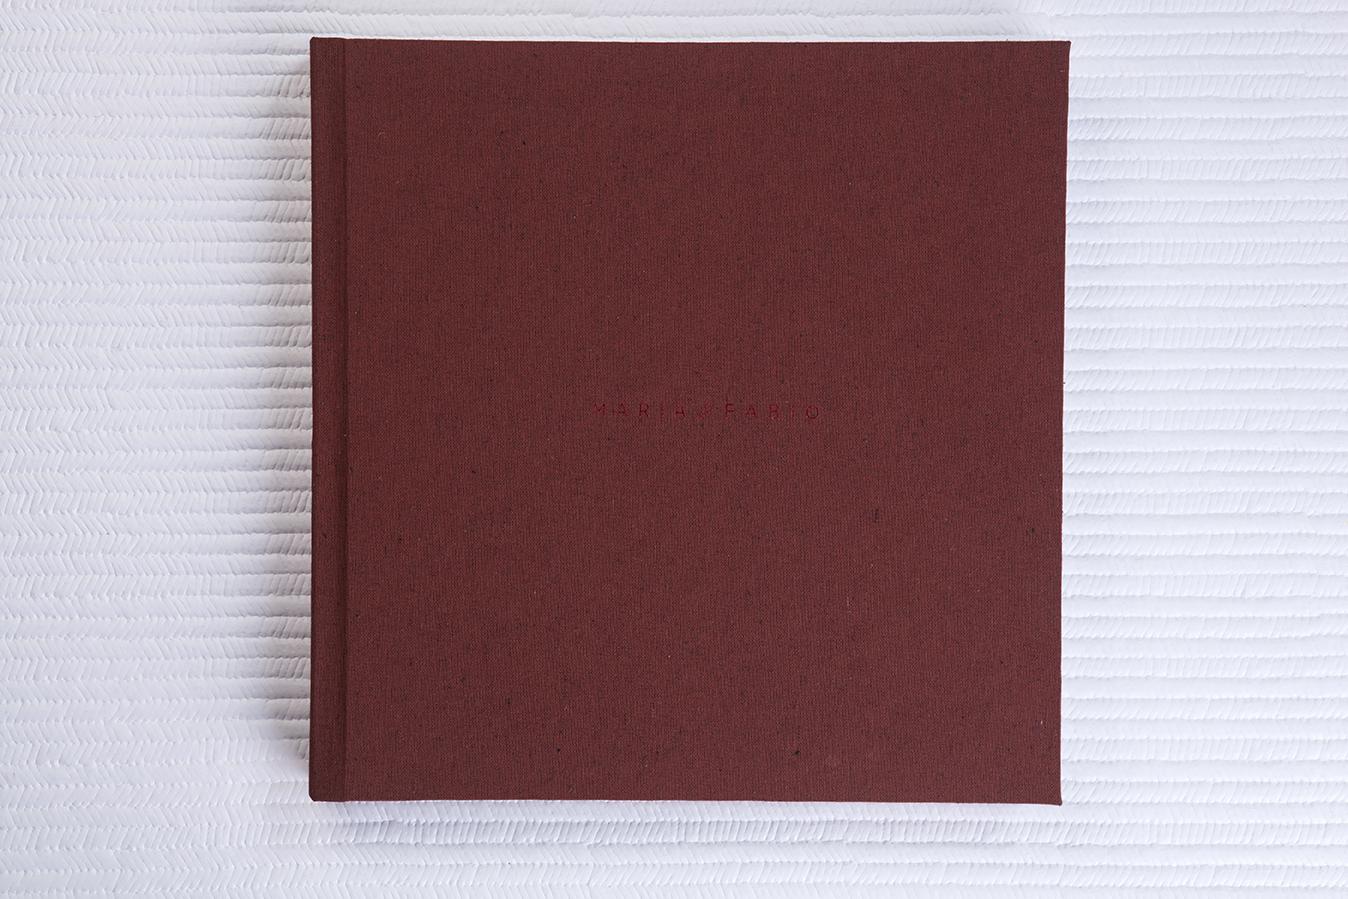 Capa Tecido Sicília Terracota + Hot Print Vermelho Metálico + Guardas em Linho Floral Vermelho + Laminação Matte Satin